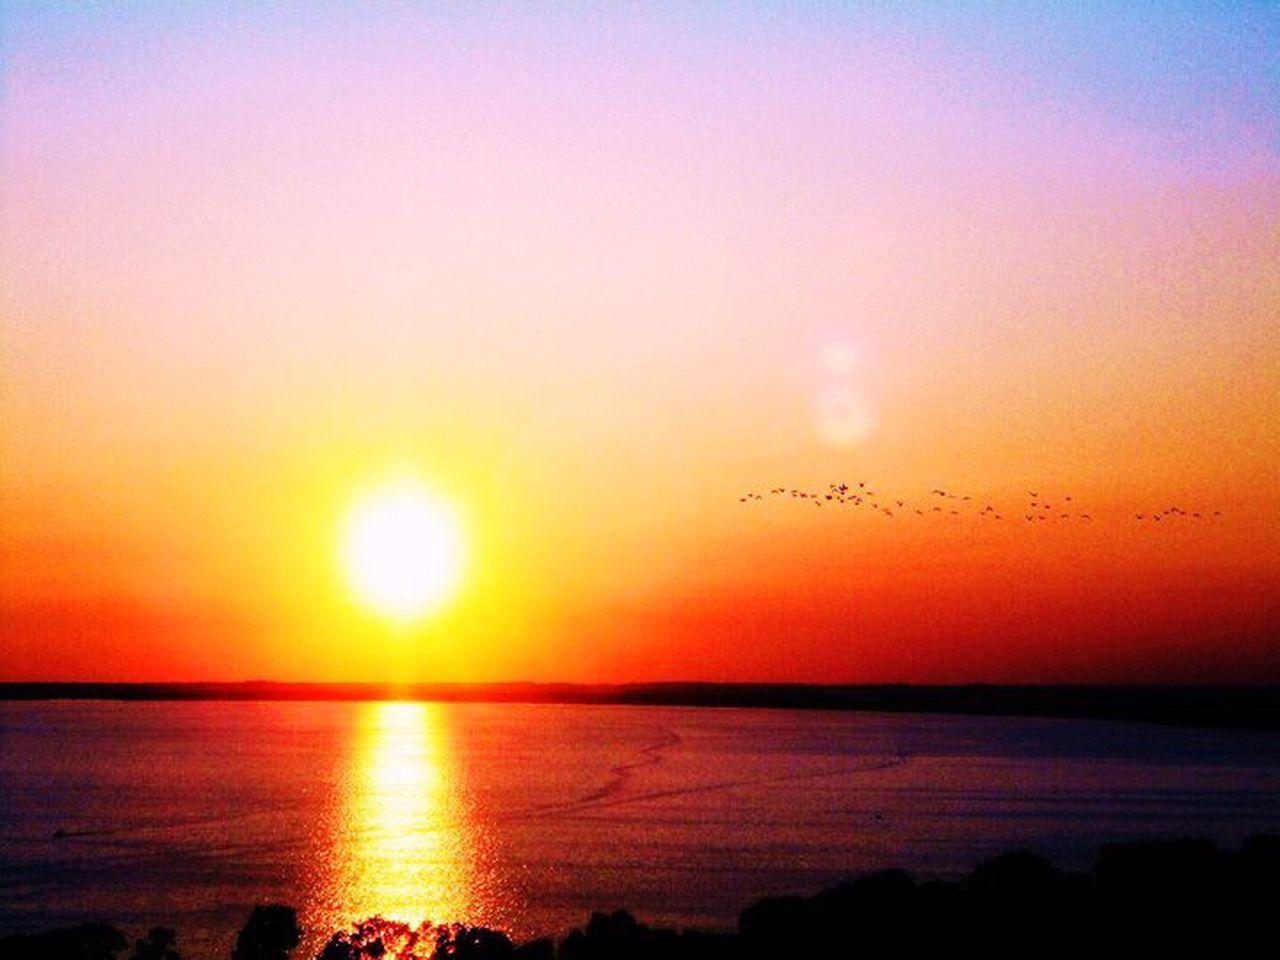 Sunset Bird Birds Flock Of Birds Skyline Water Reflection Sun Into The Sun